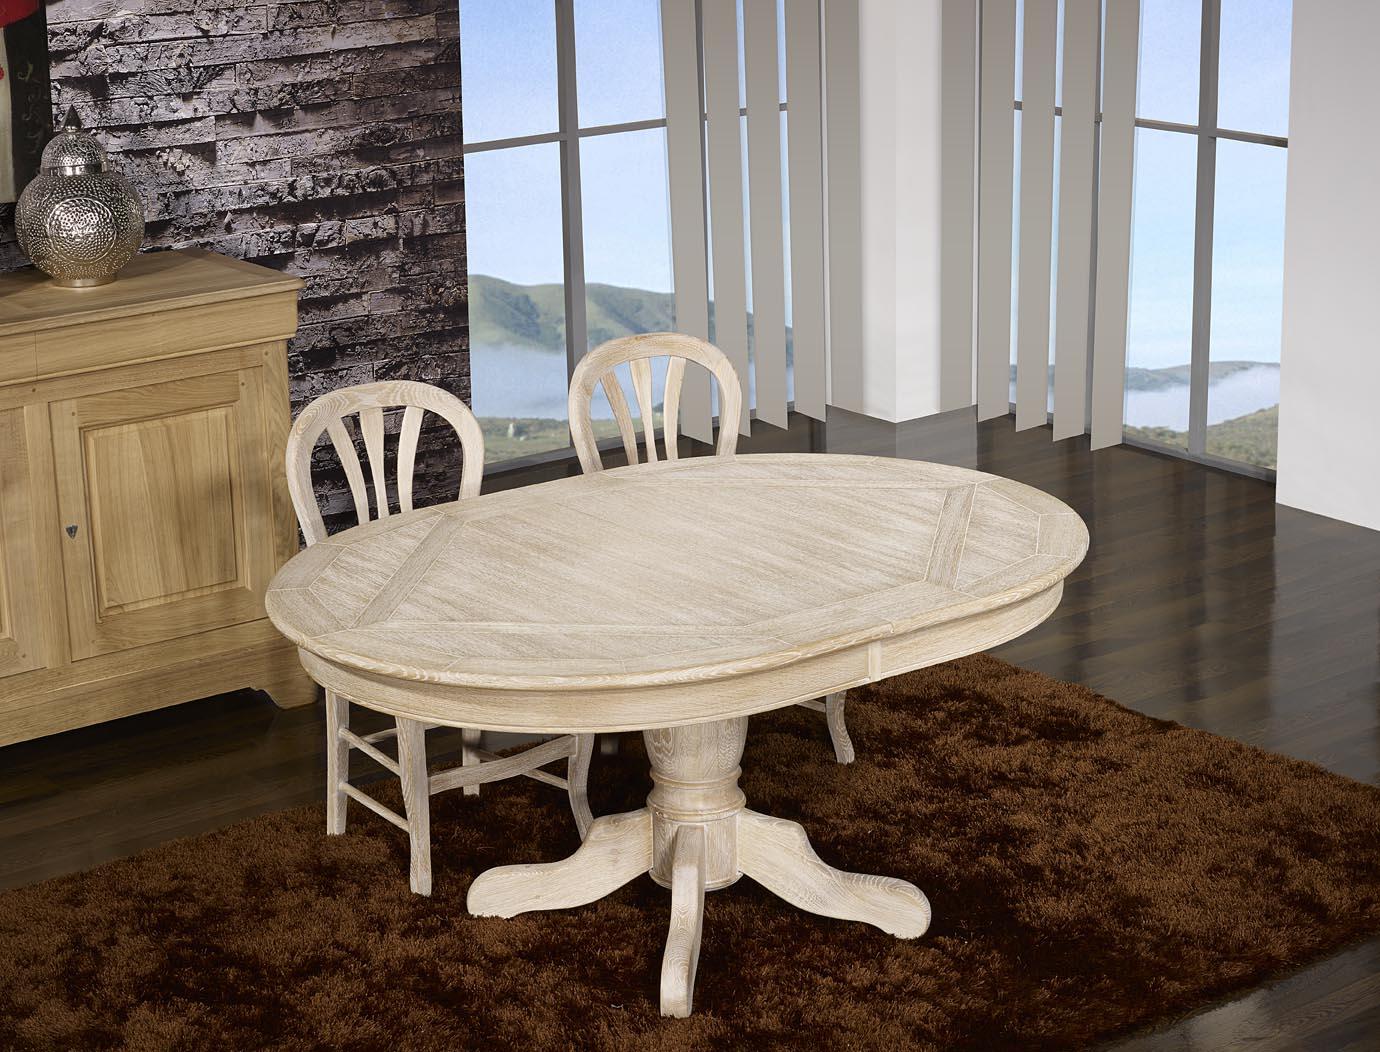 table ovale cl ment 160x120 pied central en ch ne de style louis philippe finition ch ne bross. Black Bedroom Furniture Sets. Home Design Ideas